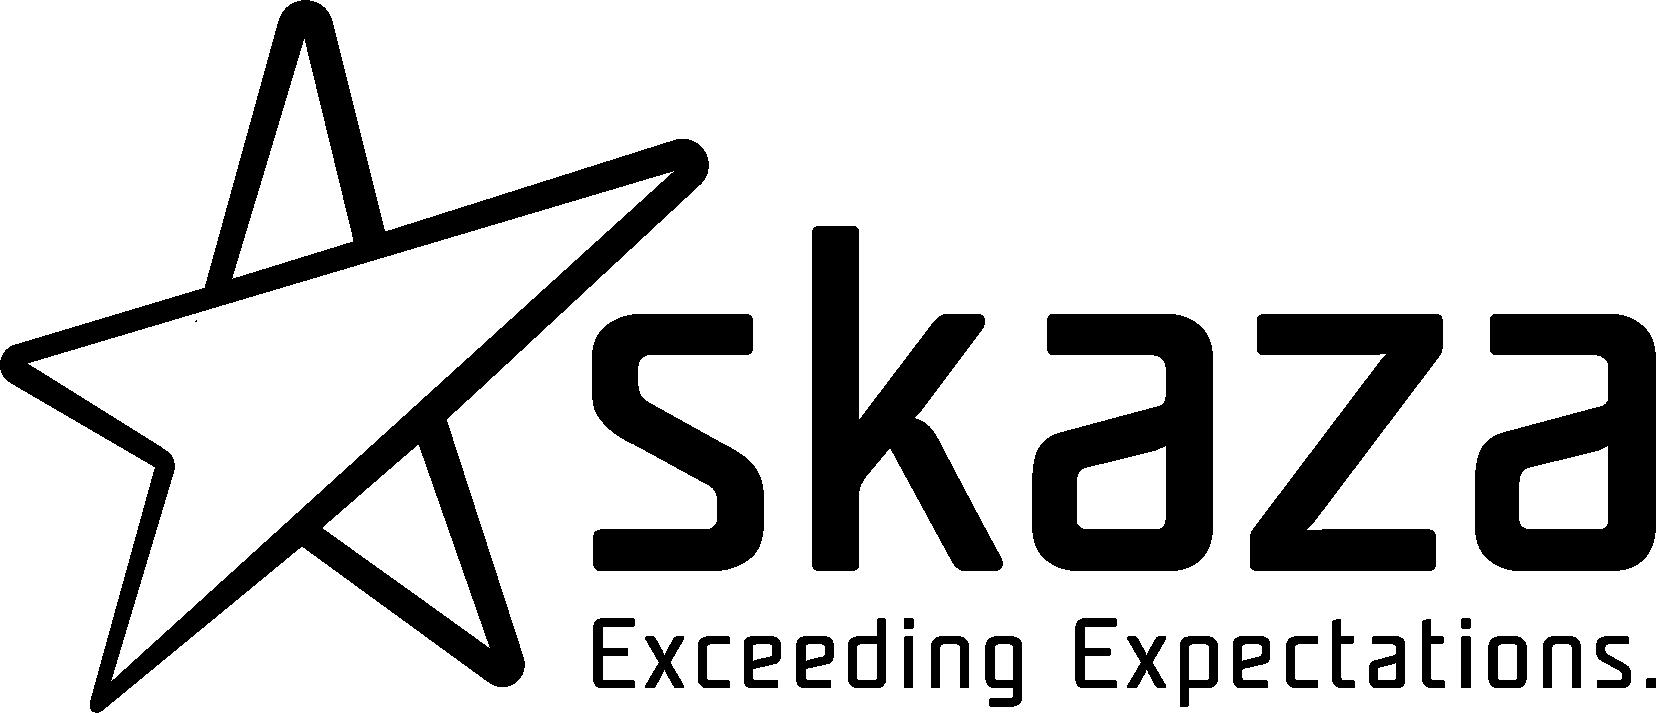 corpo logo crn